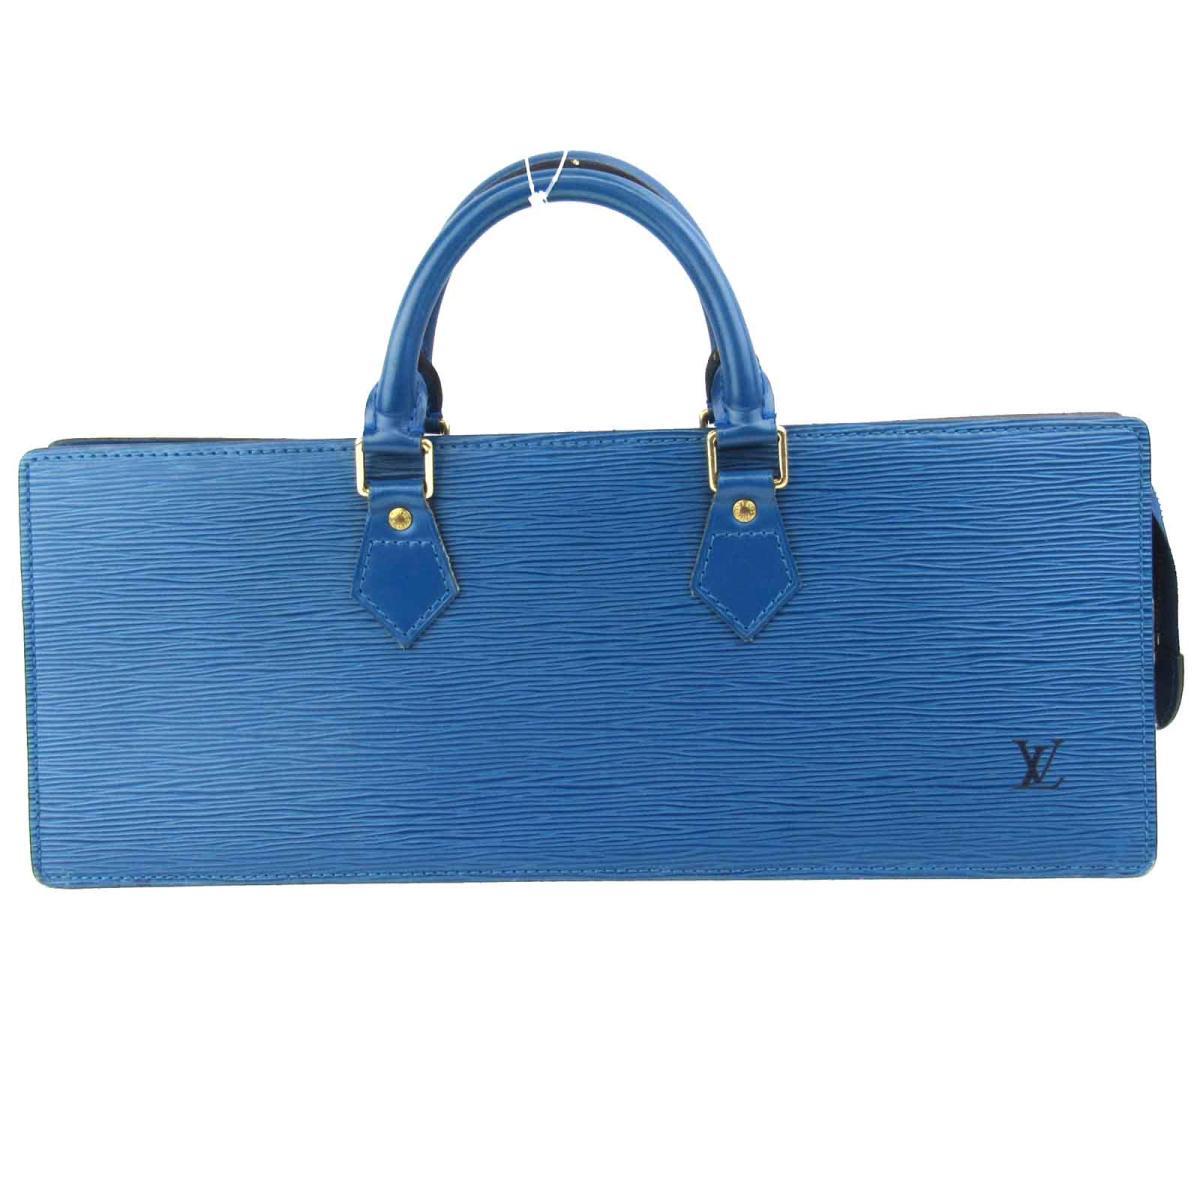 【中古】 ルイヴィトン サック・トリアングル ハンドバッグ レディース エピ ブルー (M52095)   LOUIS VUITTON ヴィトン ビトン ルイ・ヴィトン ハンドバック バッグ バック BAG カバン 鞄 ブランドバッグ ブランドバック 美品 ブランドオフ